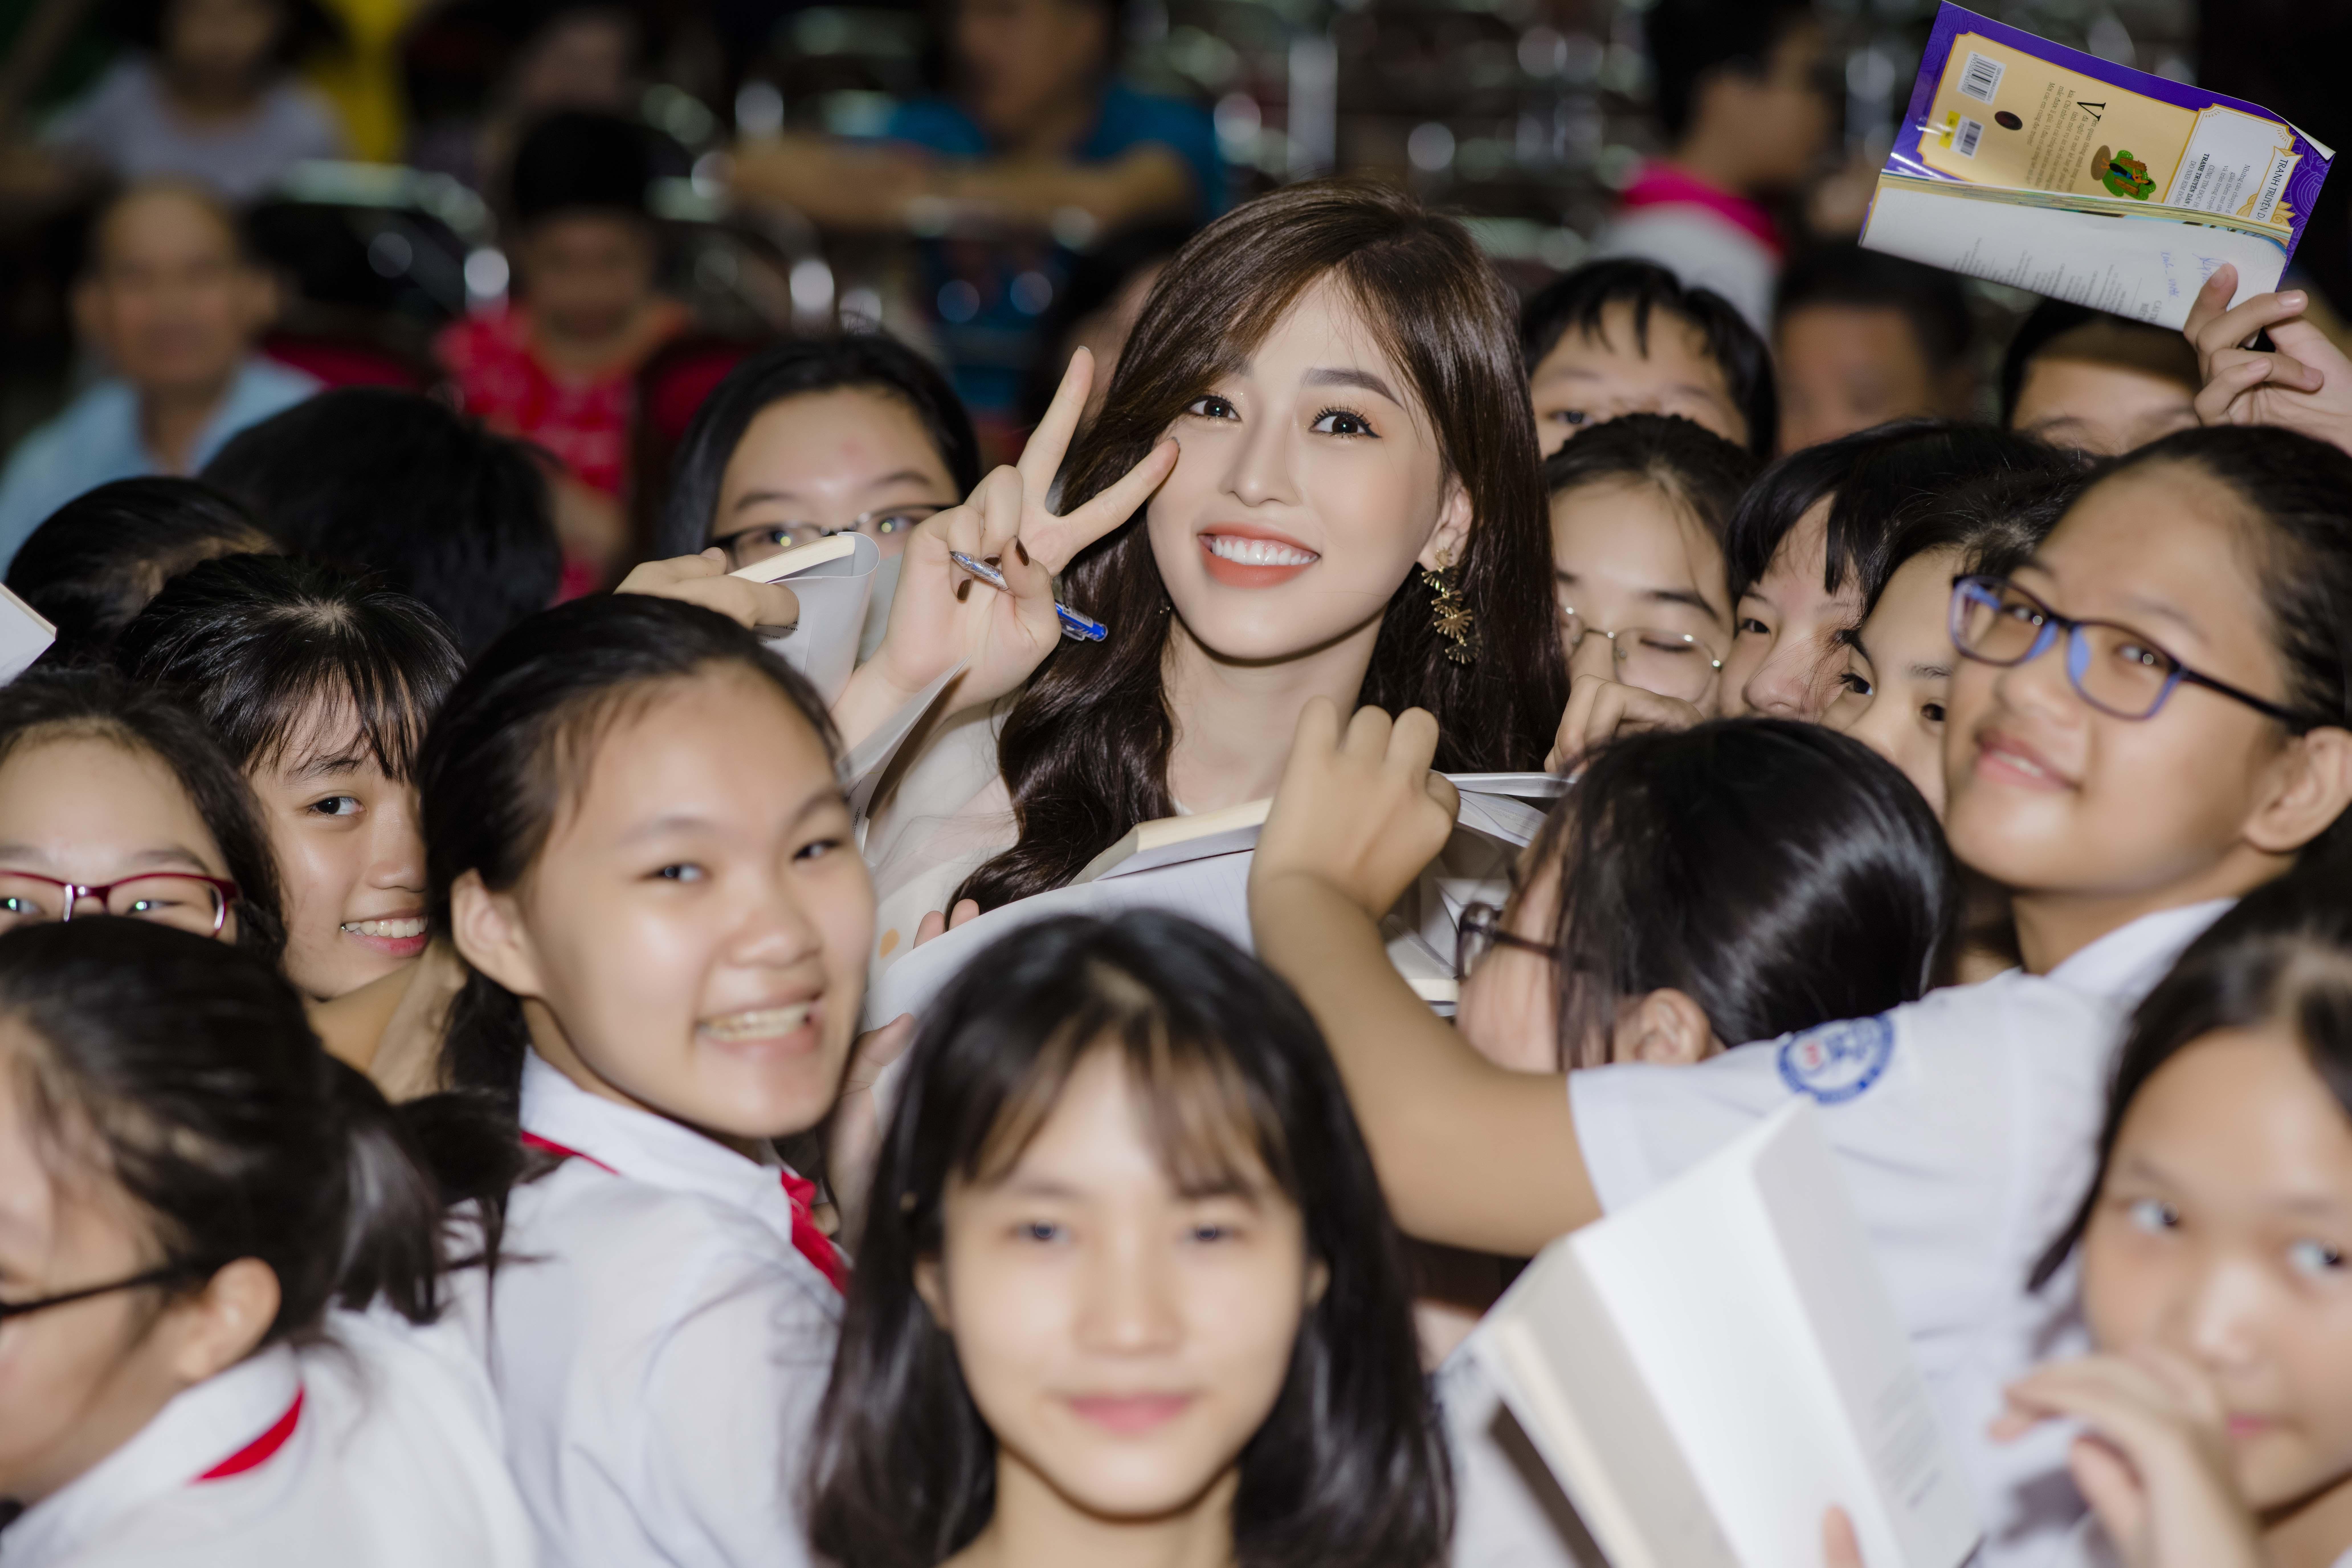 Á hậu Phương Nga khoe 'vẻ đẹp vạn người mê' đi sự kiện tại Hà Nội 5